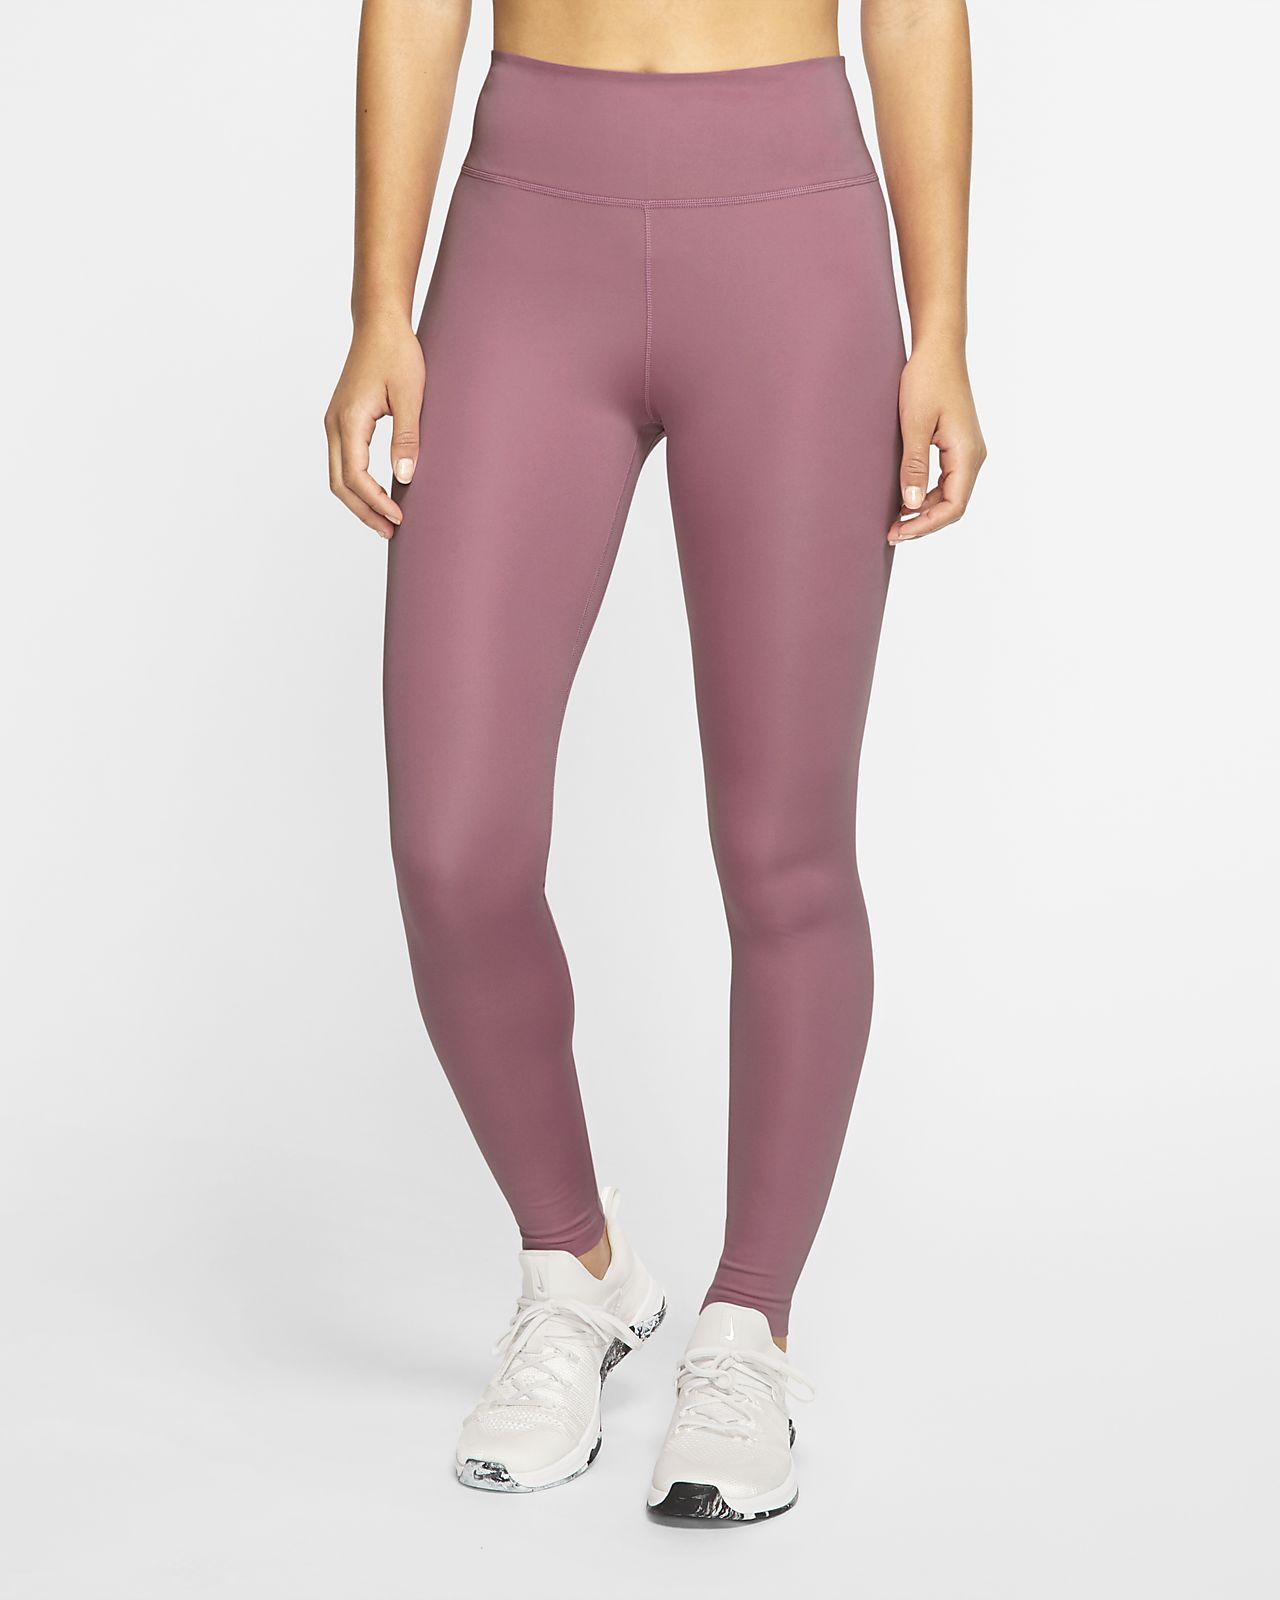 Nike One Luxe középmagas derekú, testhezálló női nadrág